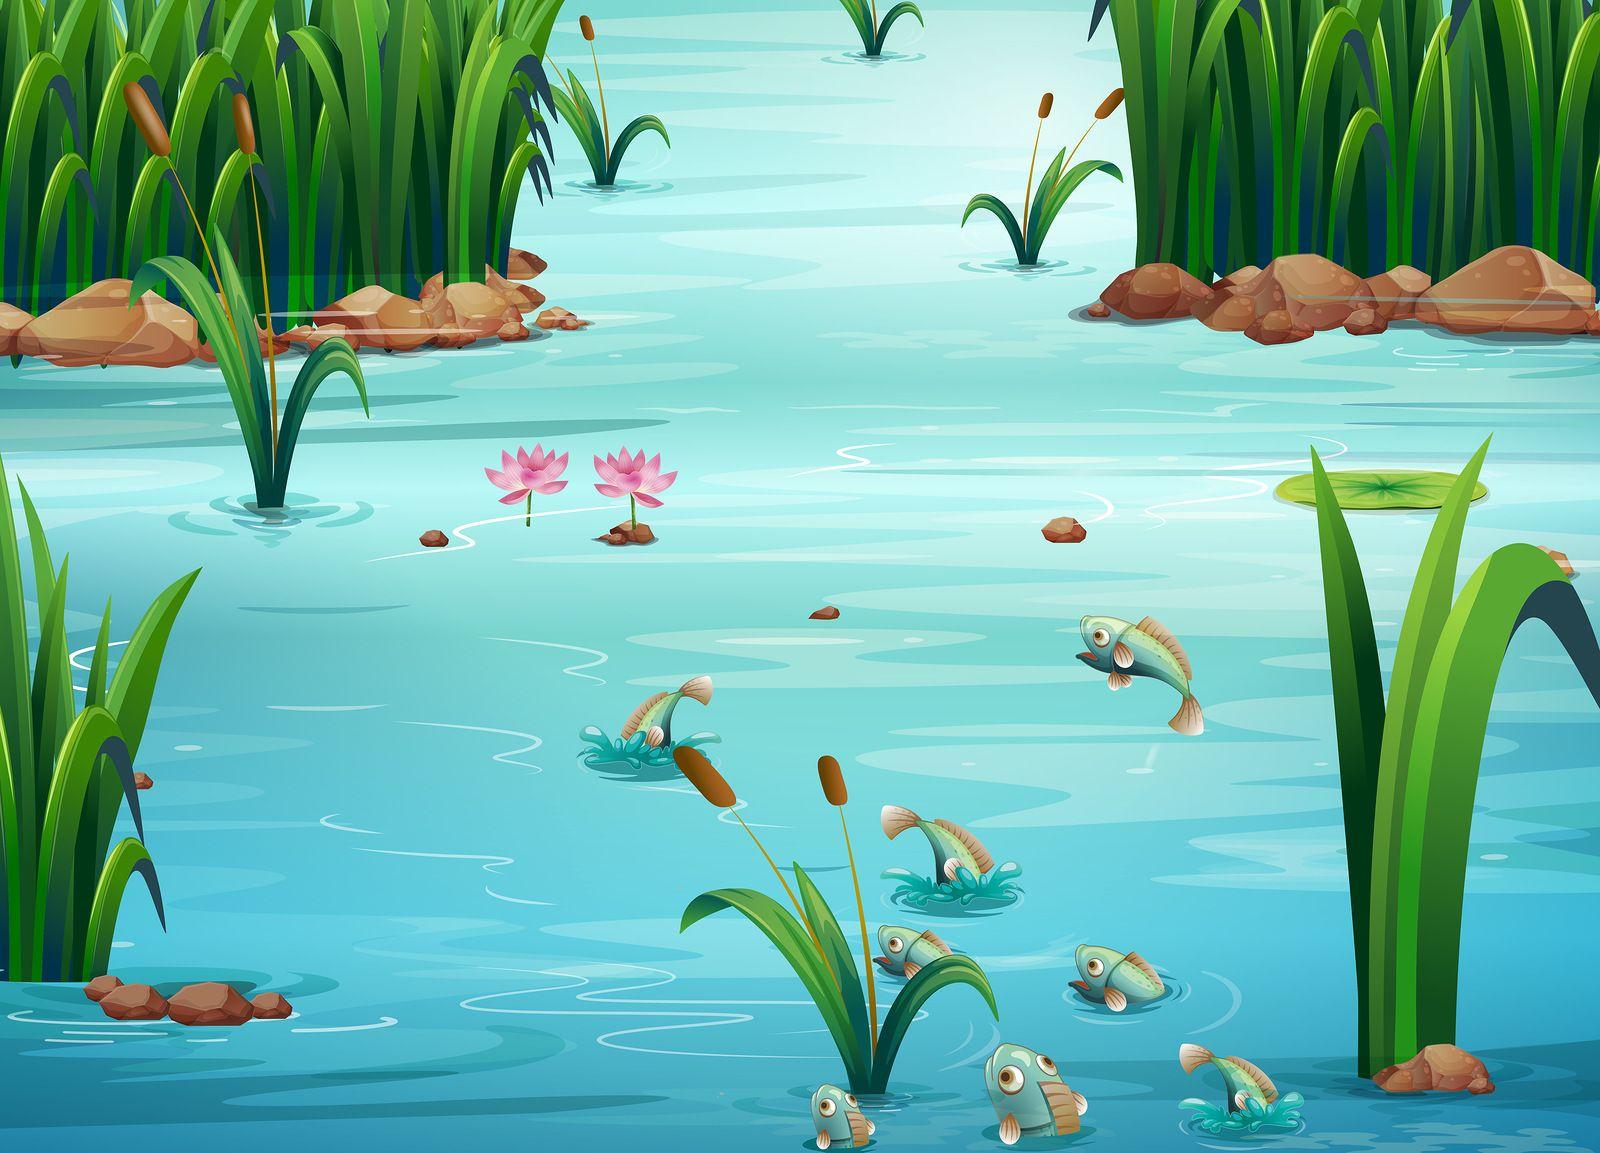 ветхого картинка мультяшного озера это приглашенный музыкант